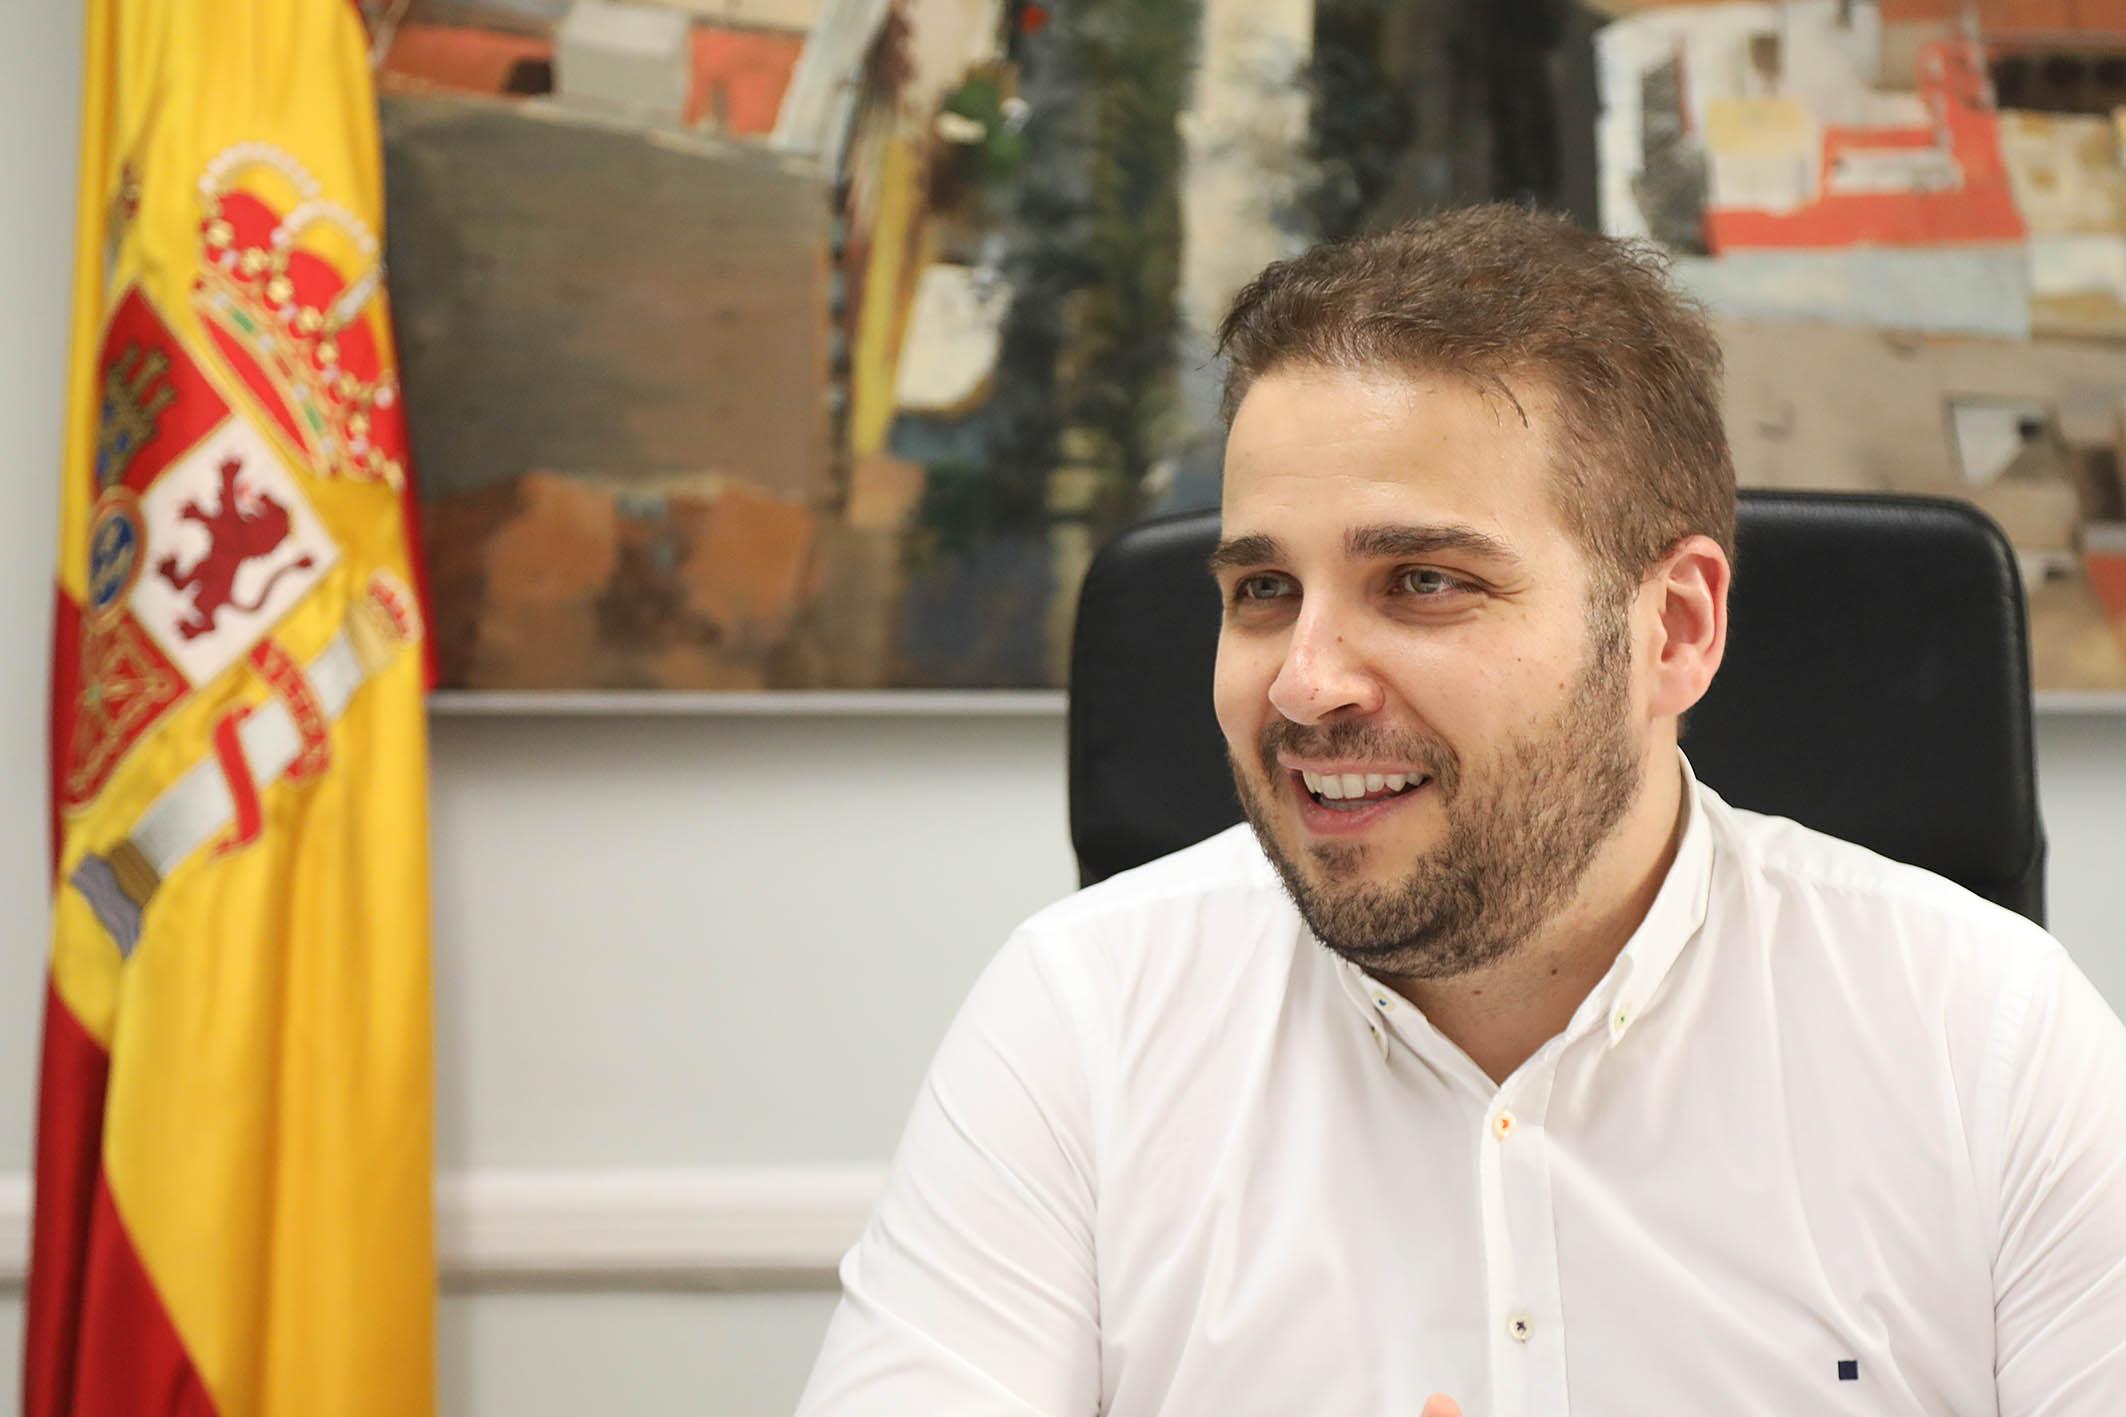 La Diputación de Alicante incrementa un 34% las ayudas a ayuntamientos para la redacción y presentación de proyectos europeos